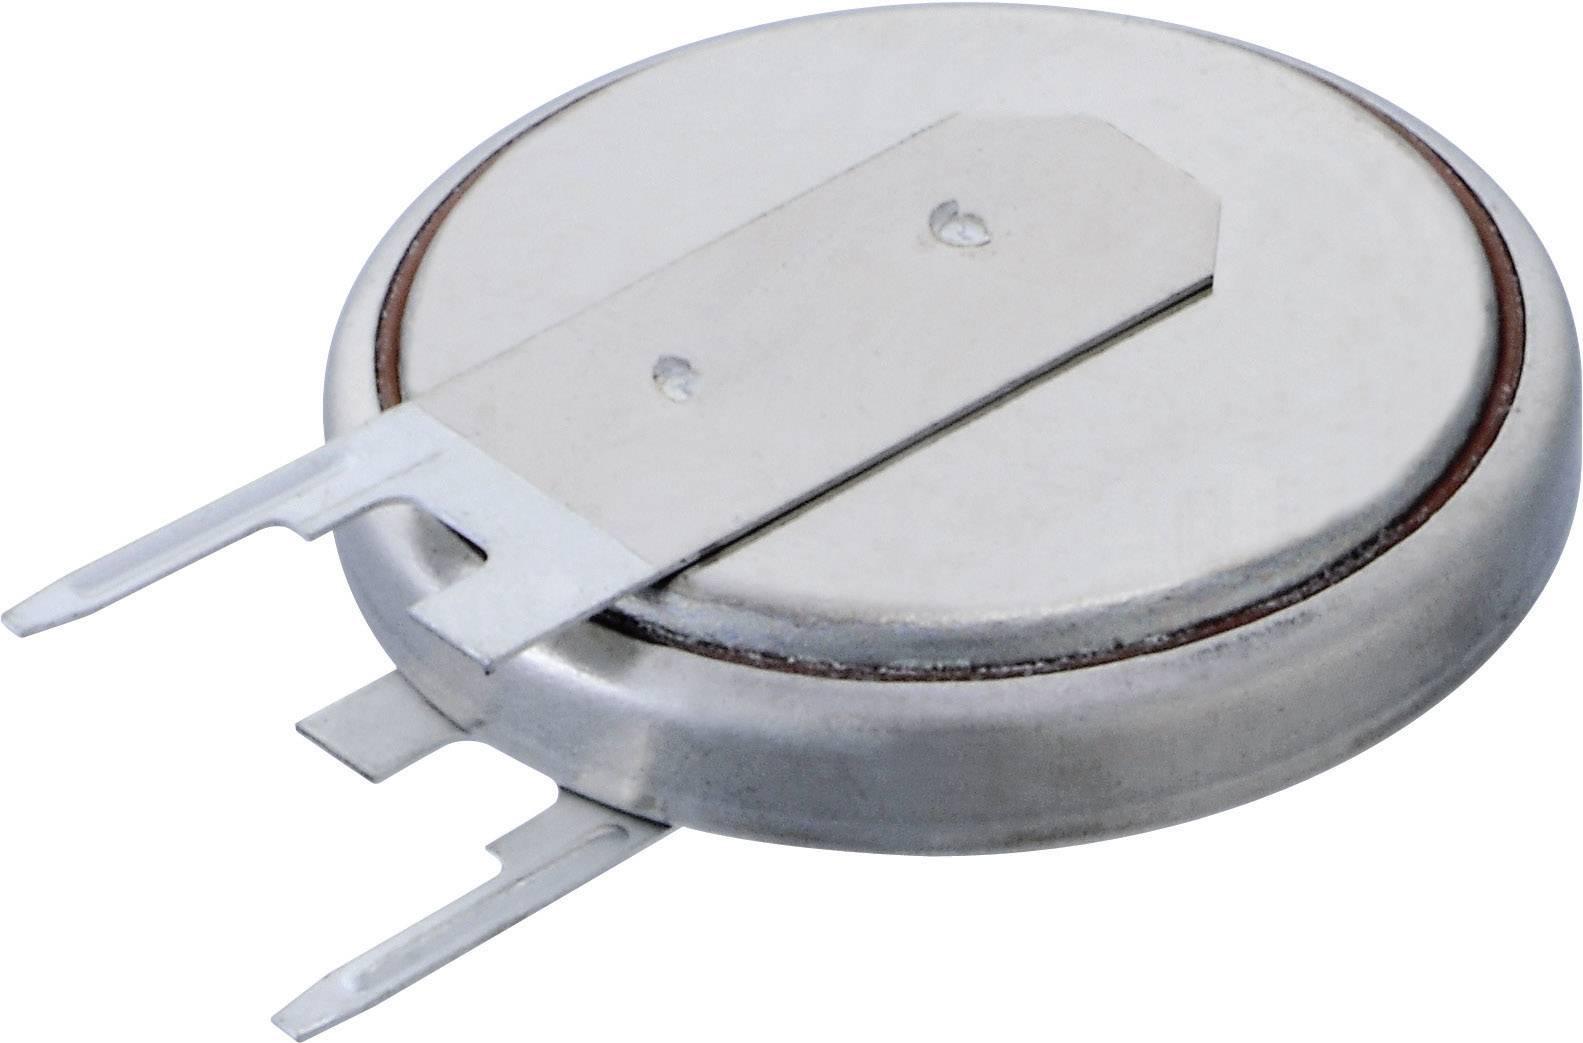 Gombíková batéria Renata CR1632 FV.LF, so spájkovacími kontaktami